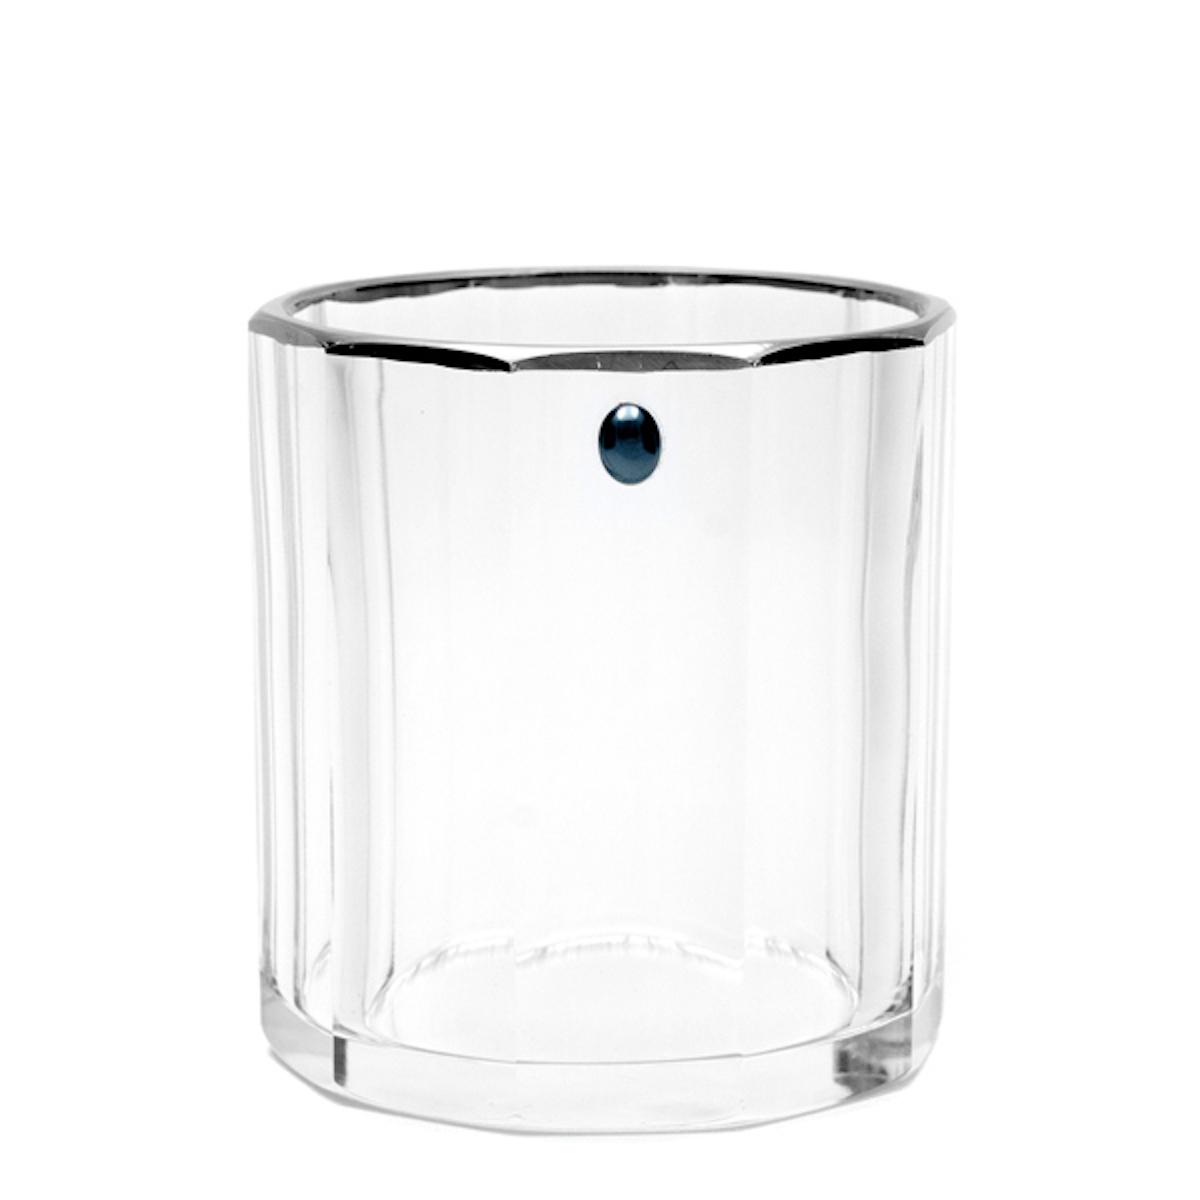 vera_wine_glass_murano_crystal_platinum_rim_giberto_design_venice